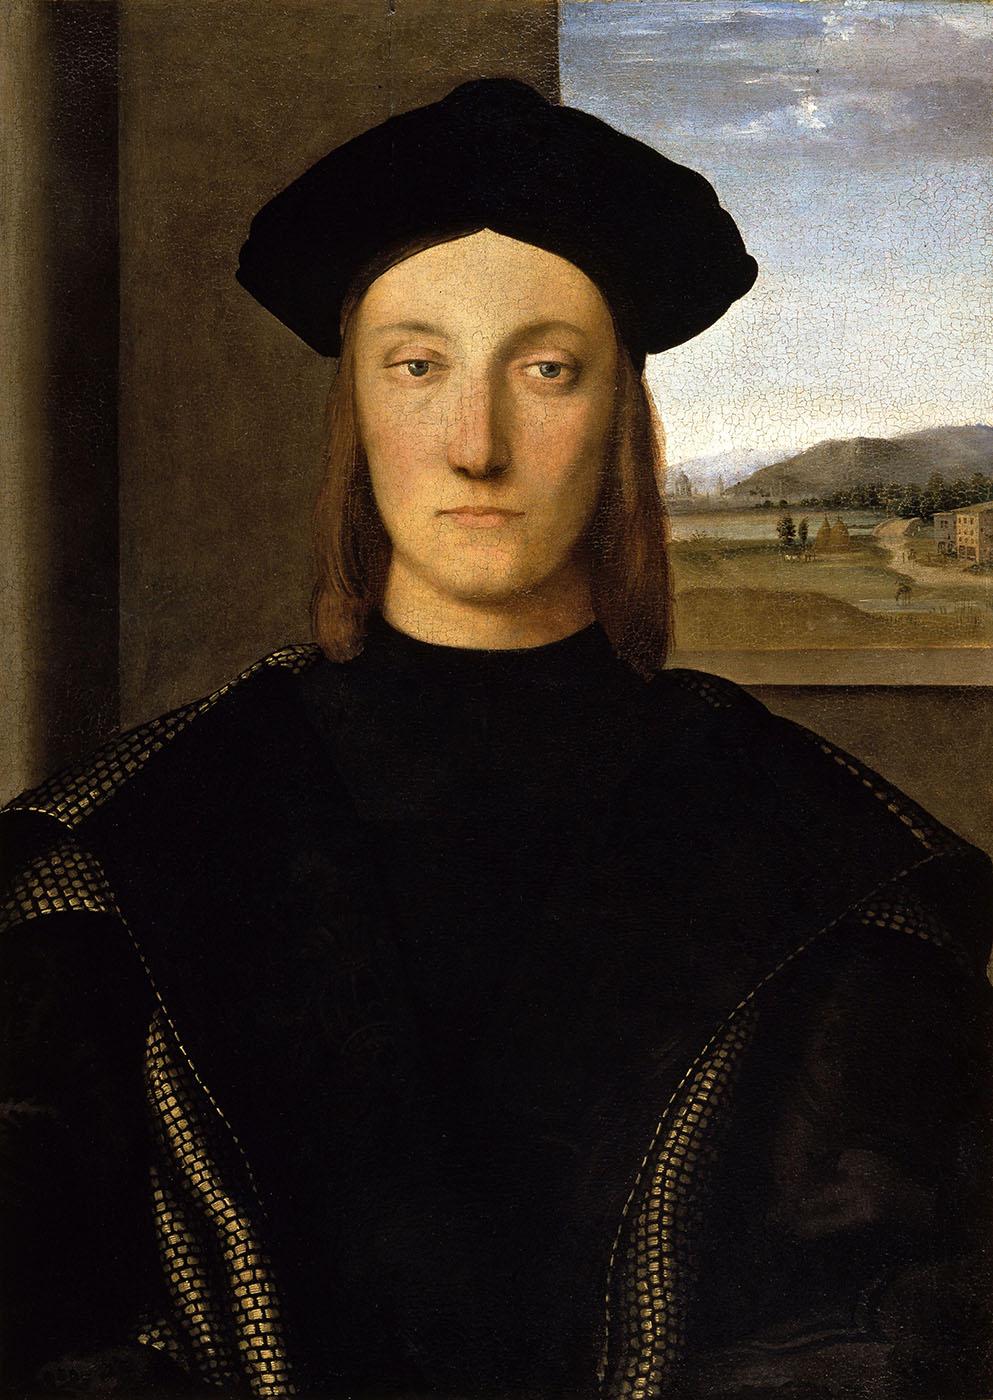 Rafael Sanzio. Guidobaldo de Mefeltro.Hacia 1507. Galería de los Uffizi. Florencia.